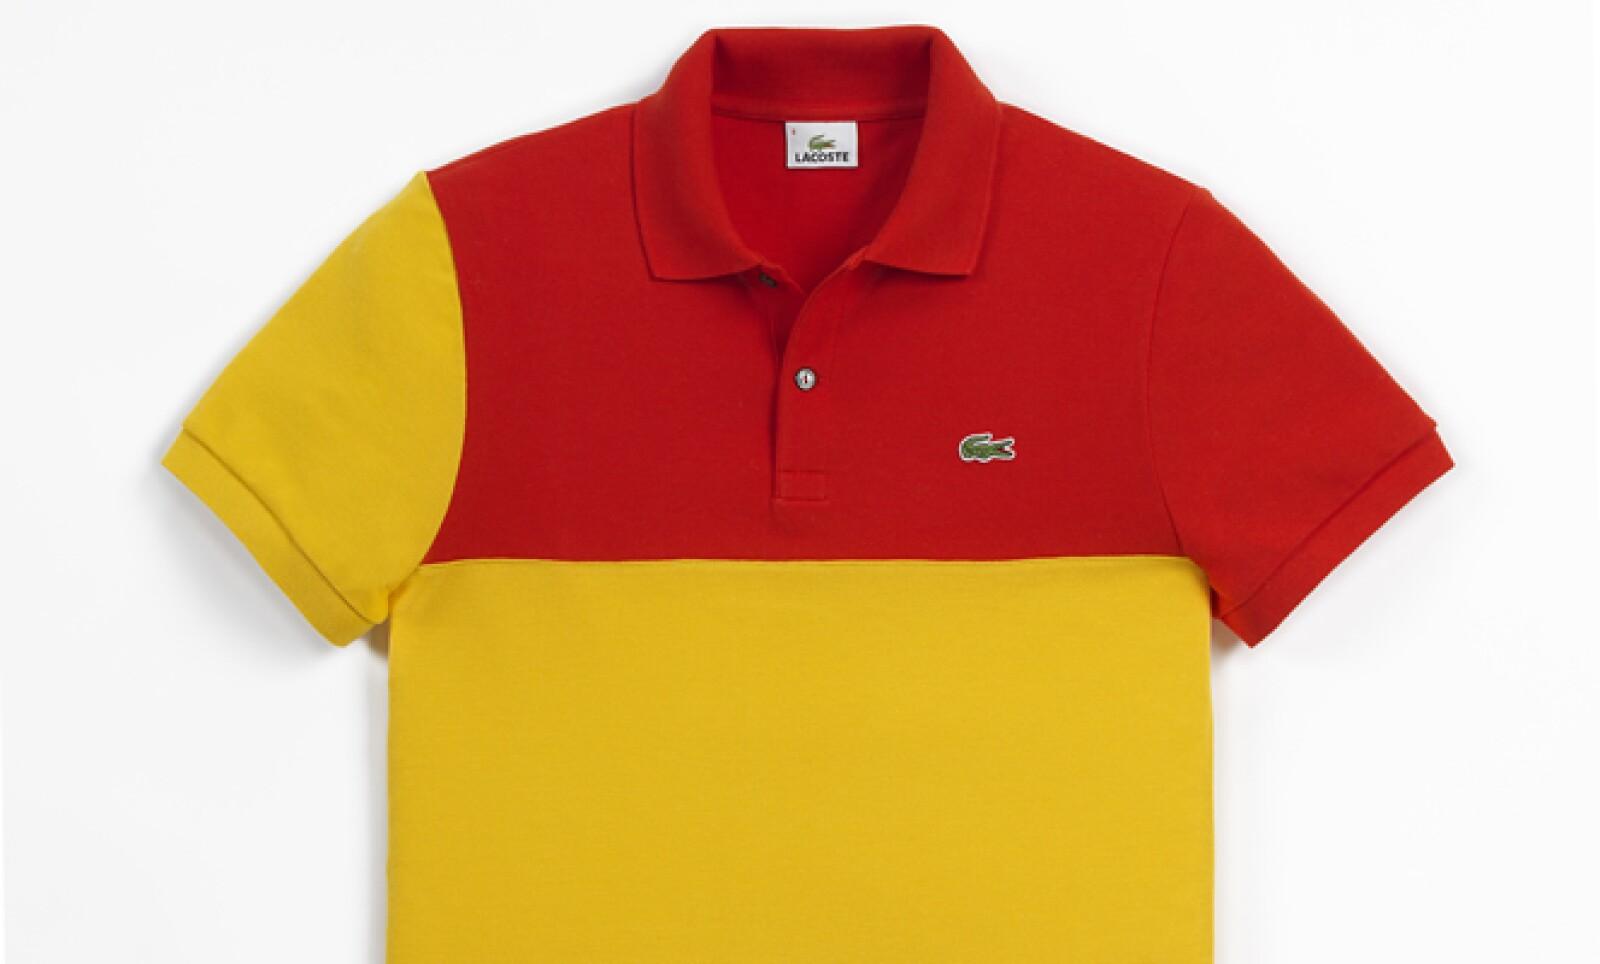 Por su parte, la edición que recuerda a la bandera de española combina de manera sutil los colores rojo y amarillo.